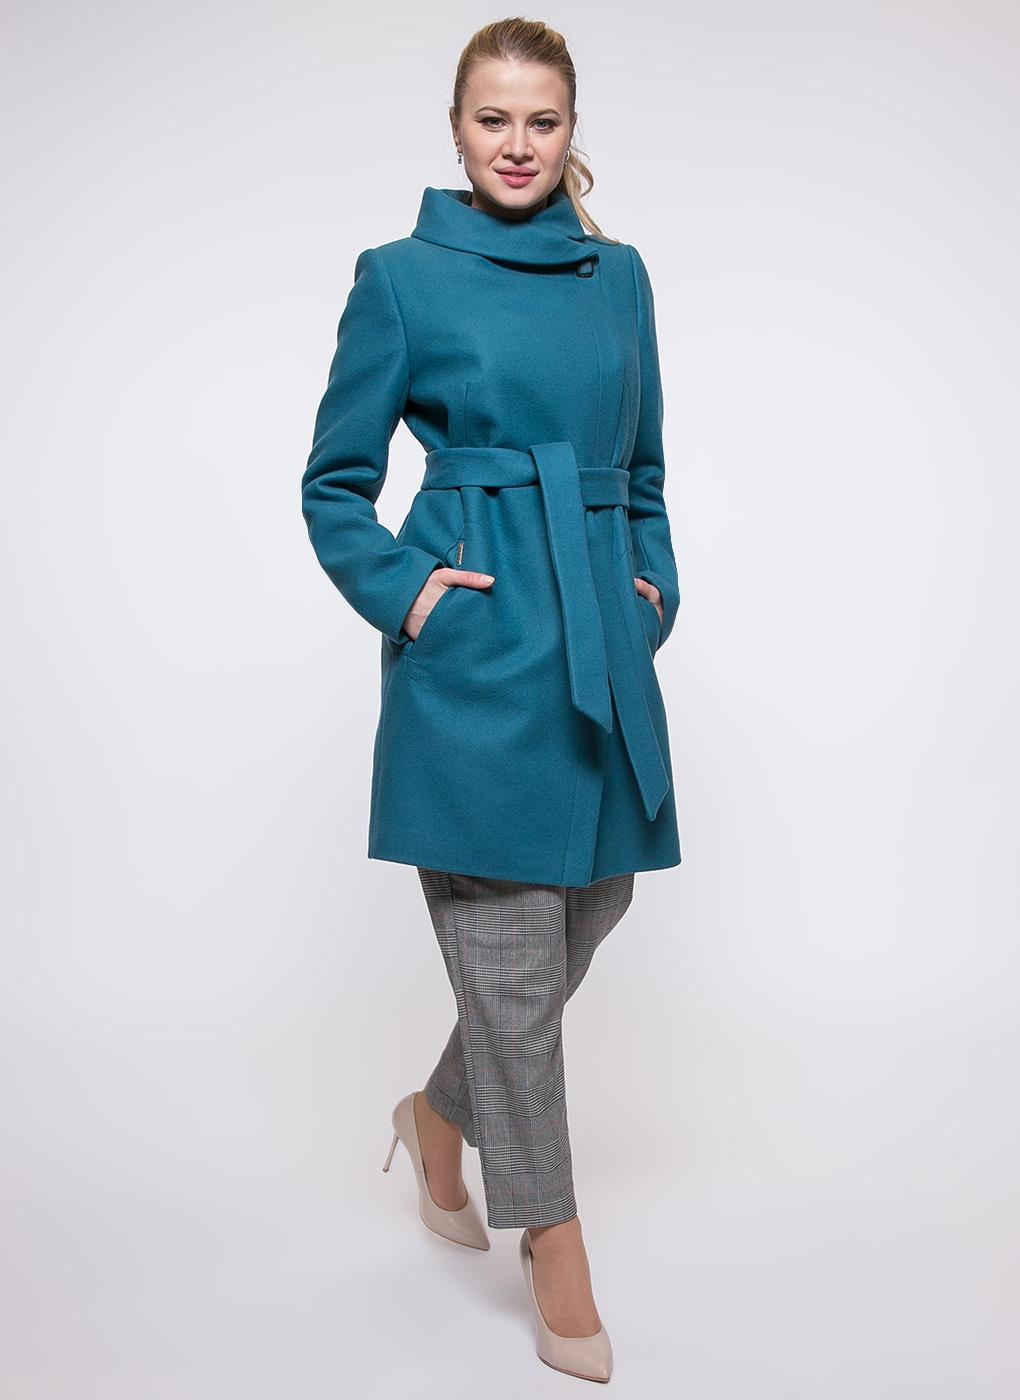 Пальто приталенное шерстяное 25, idekka